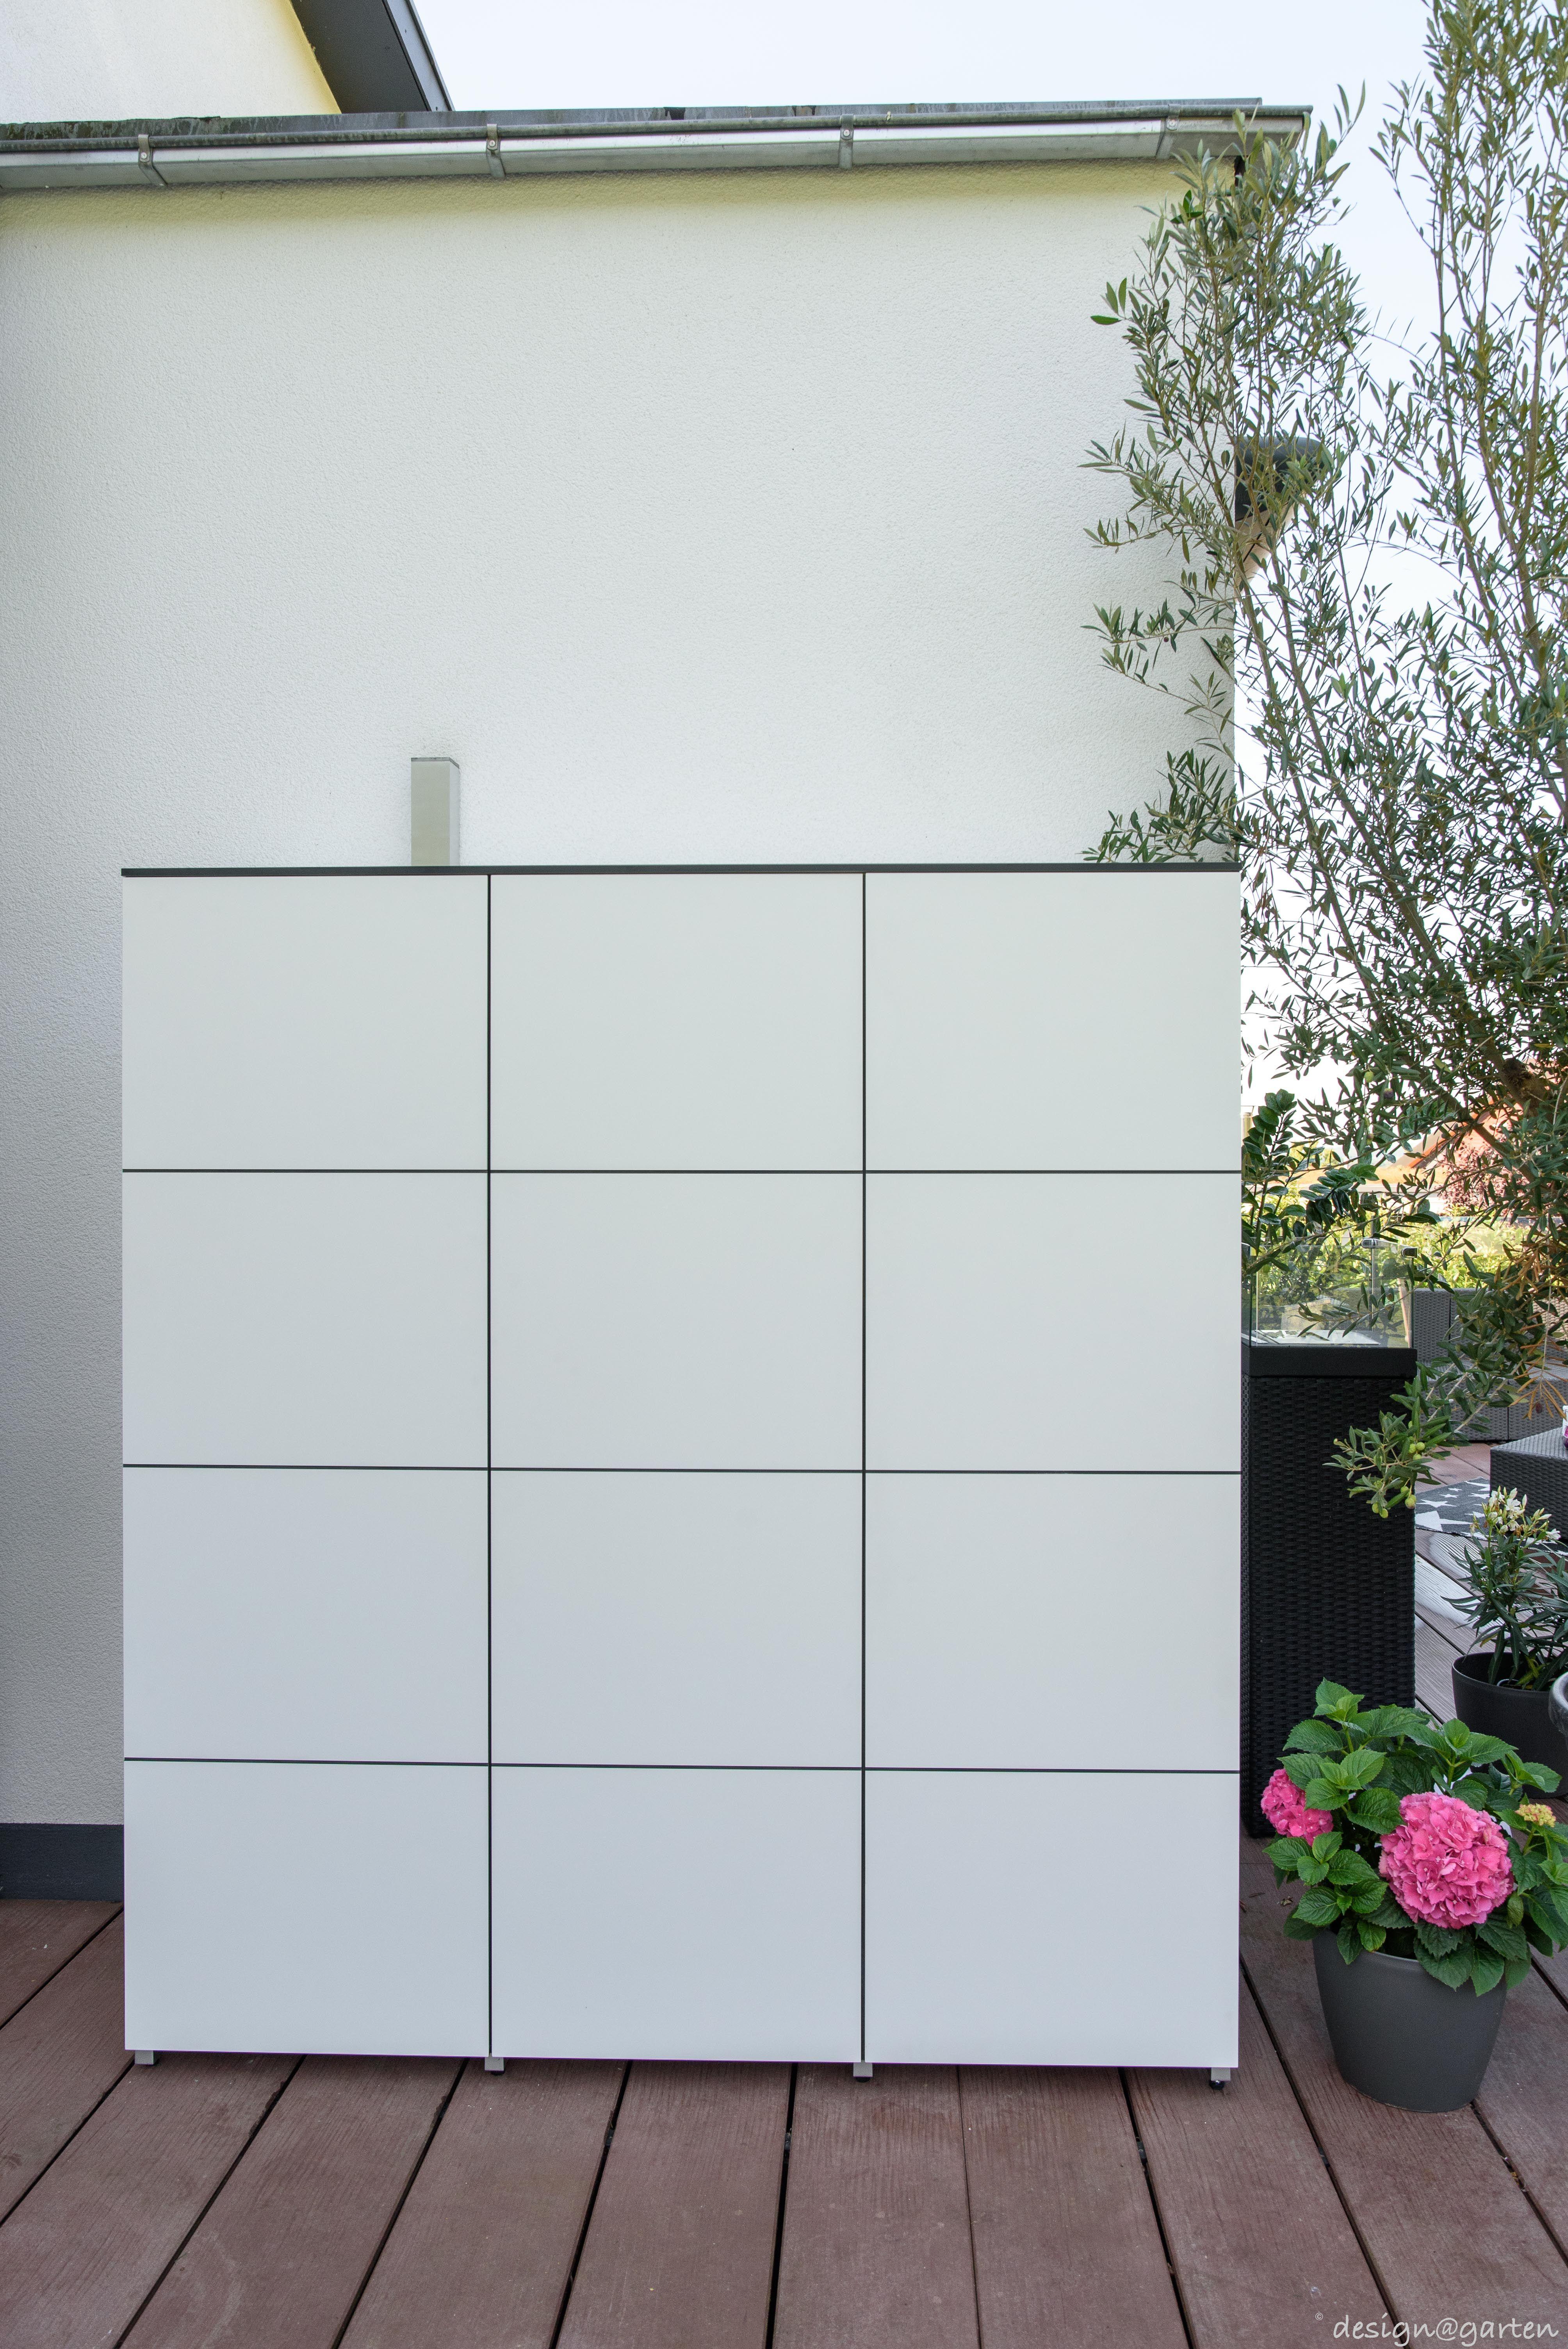 Balkonschrank Terrassenschrank Hochschrank Win By Design Garten Augsburg Farbe Weiss Wetterfest Uv Bestandig Te Gartenschrank Balkonschrank Garten